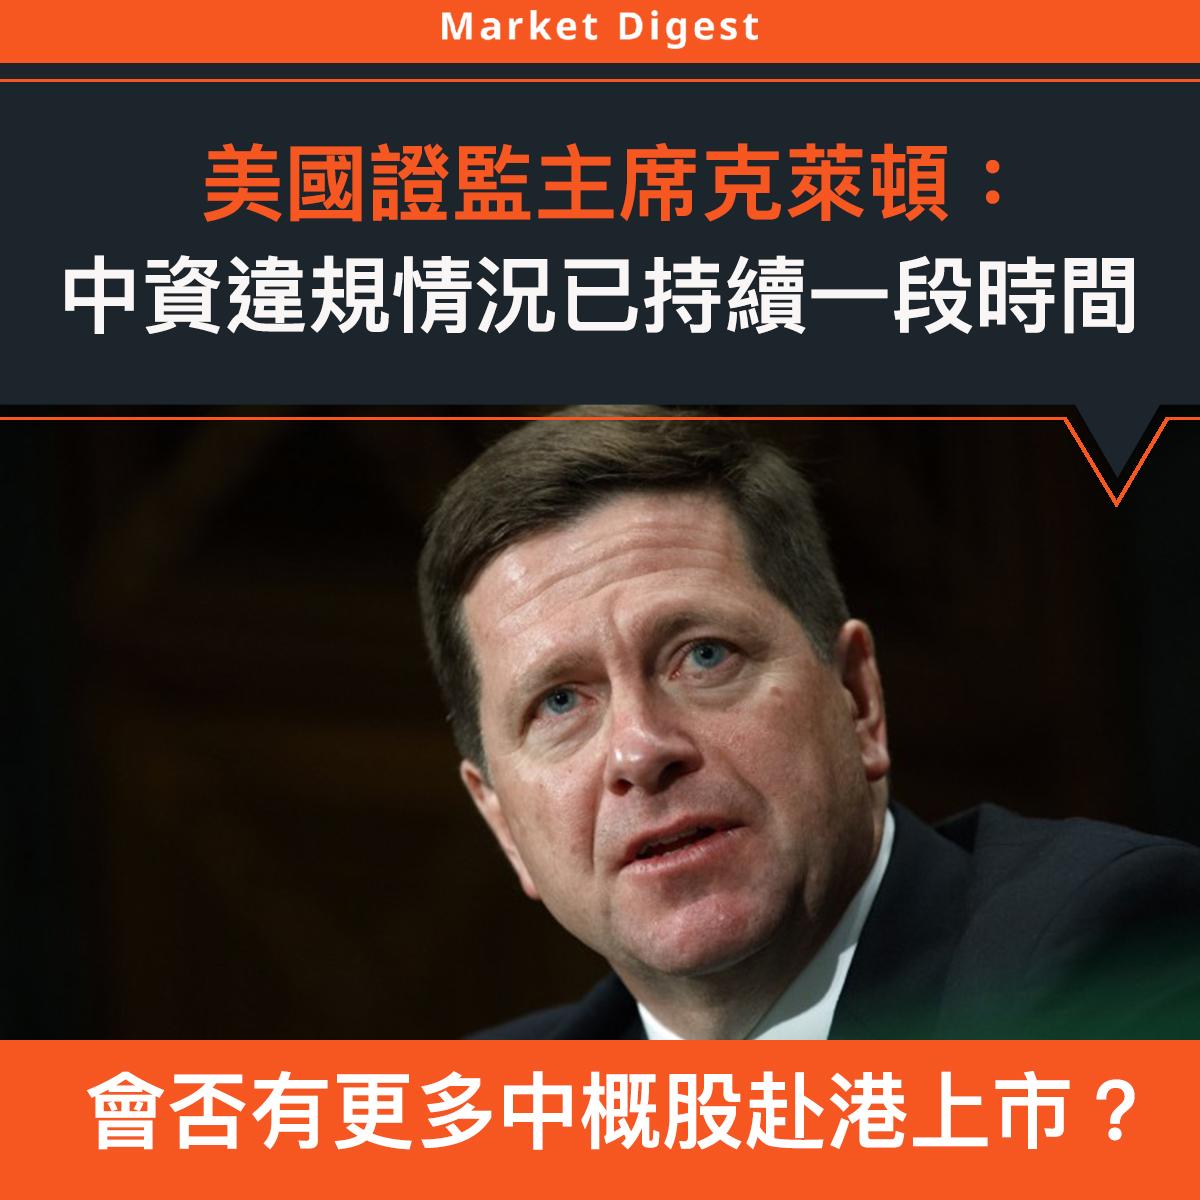 【市場熱話】美國證監主席克萊頓:中資違規情況已持續一段時間